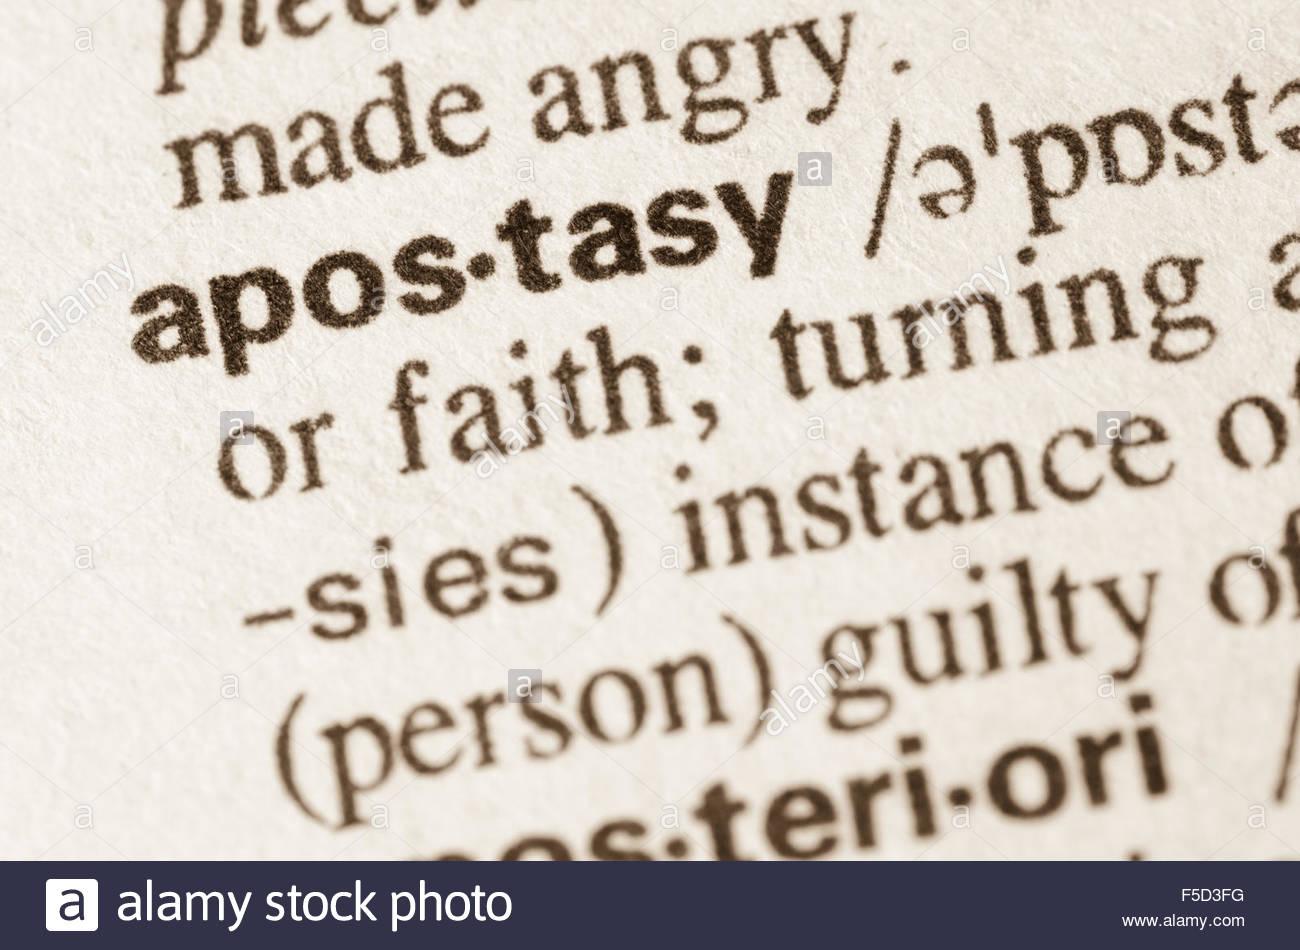 Apostasy is Equal to Treason - International Shia News Agency